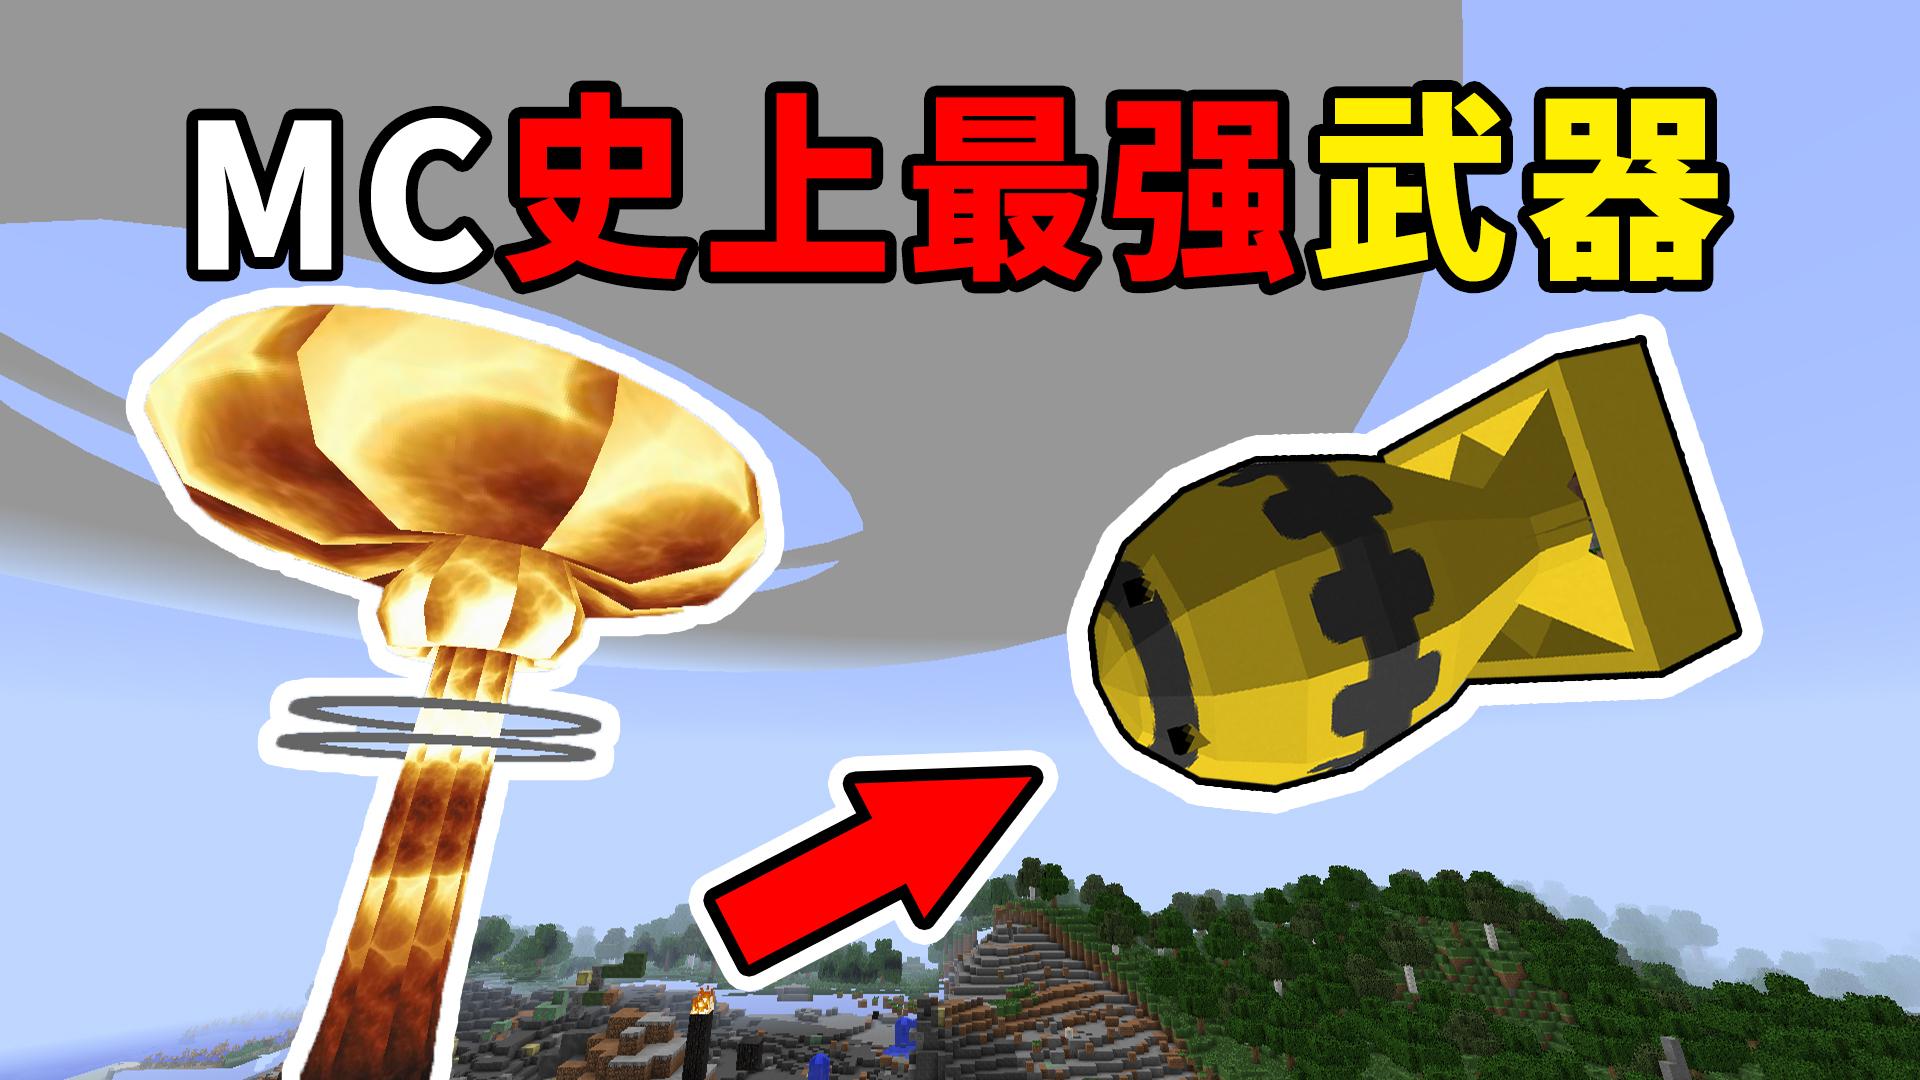 【超A新生计划】MC我的世界:核弹可以抹杀一切的存在?使用完之后世界直接毁灭?